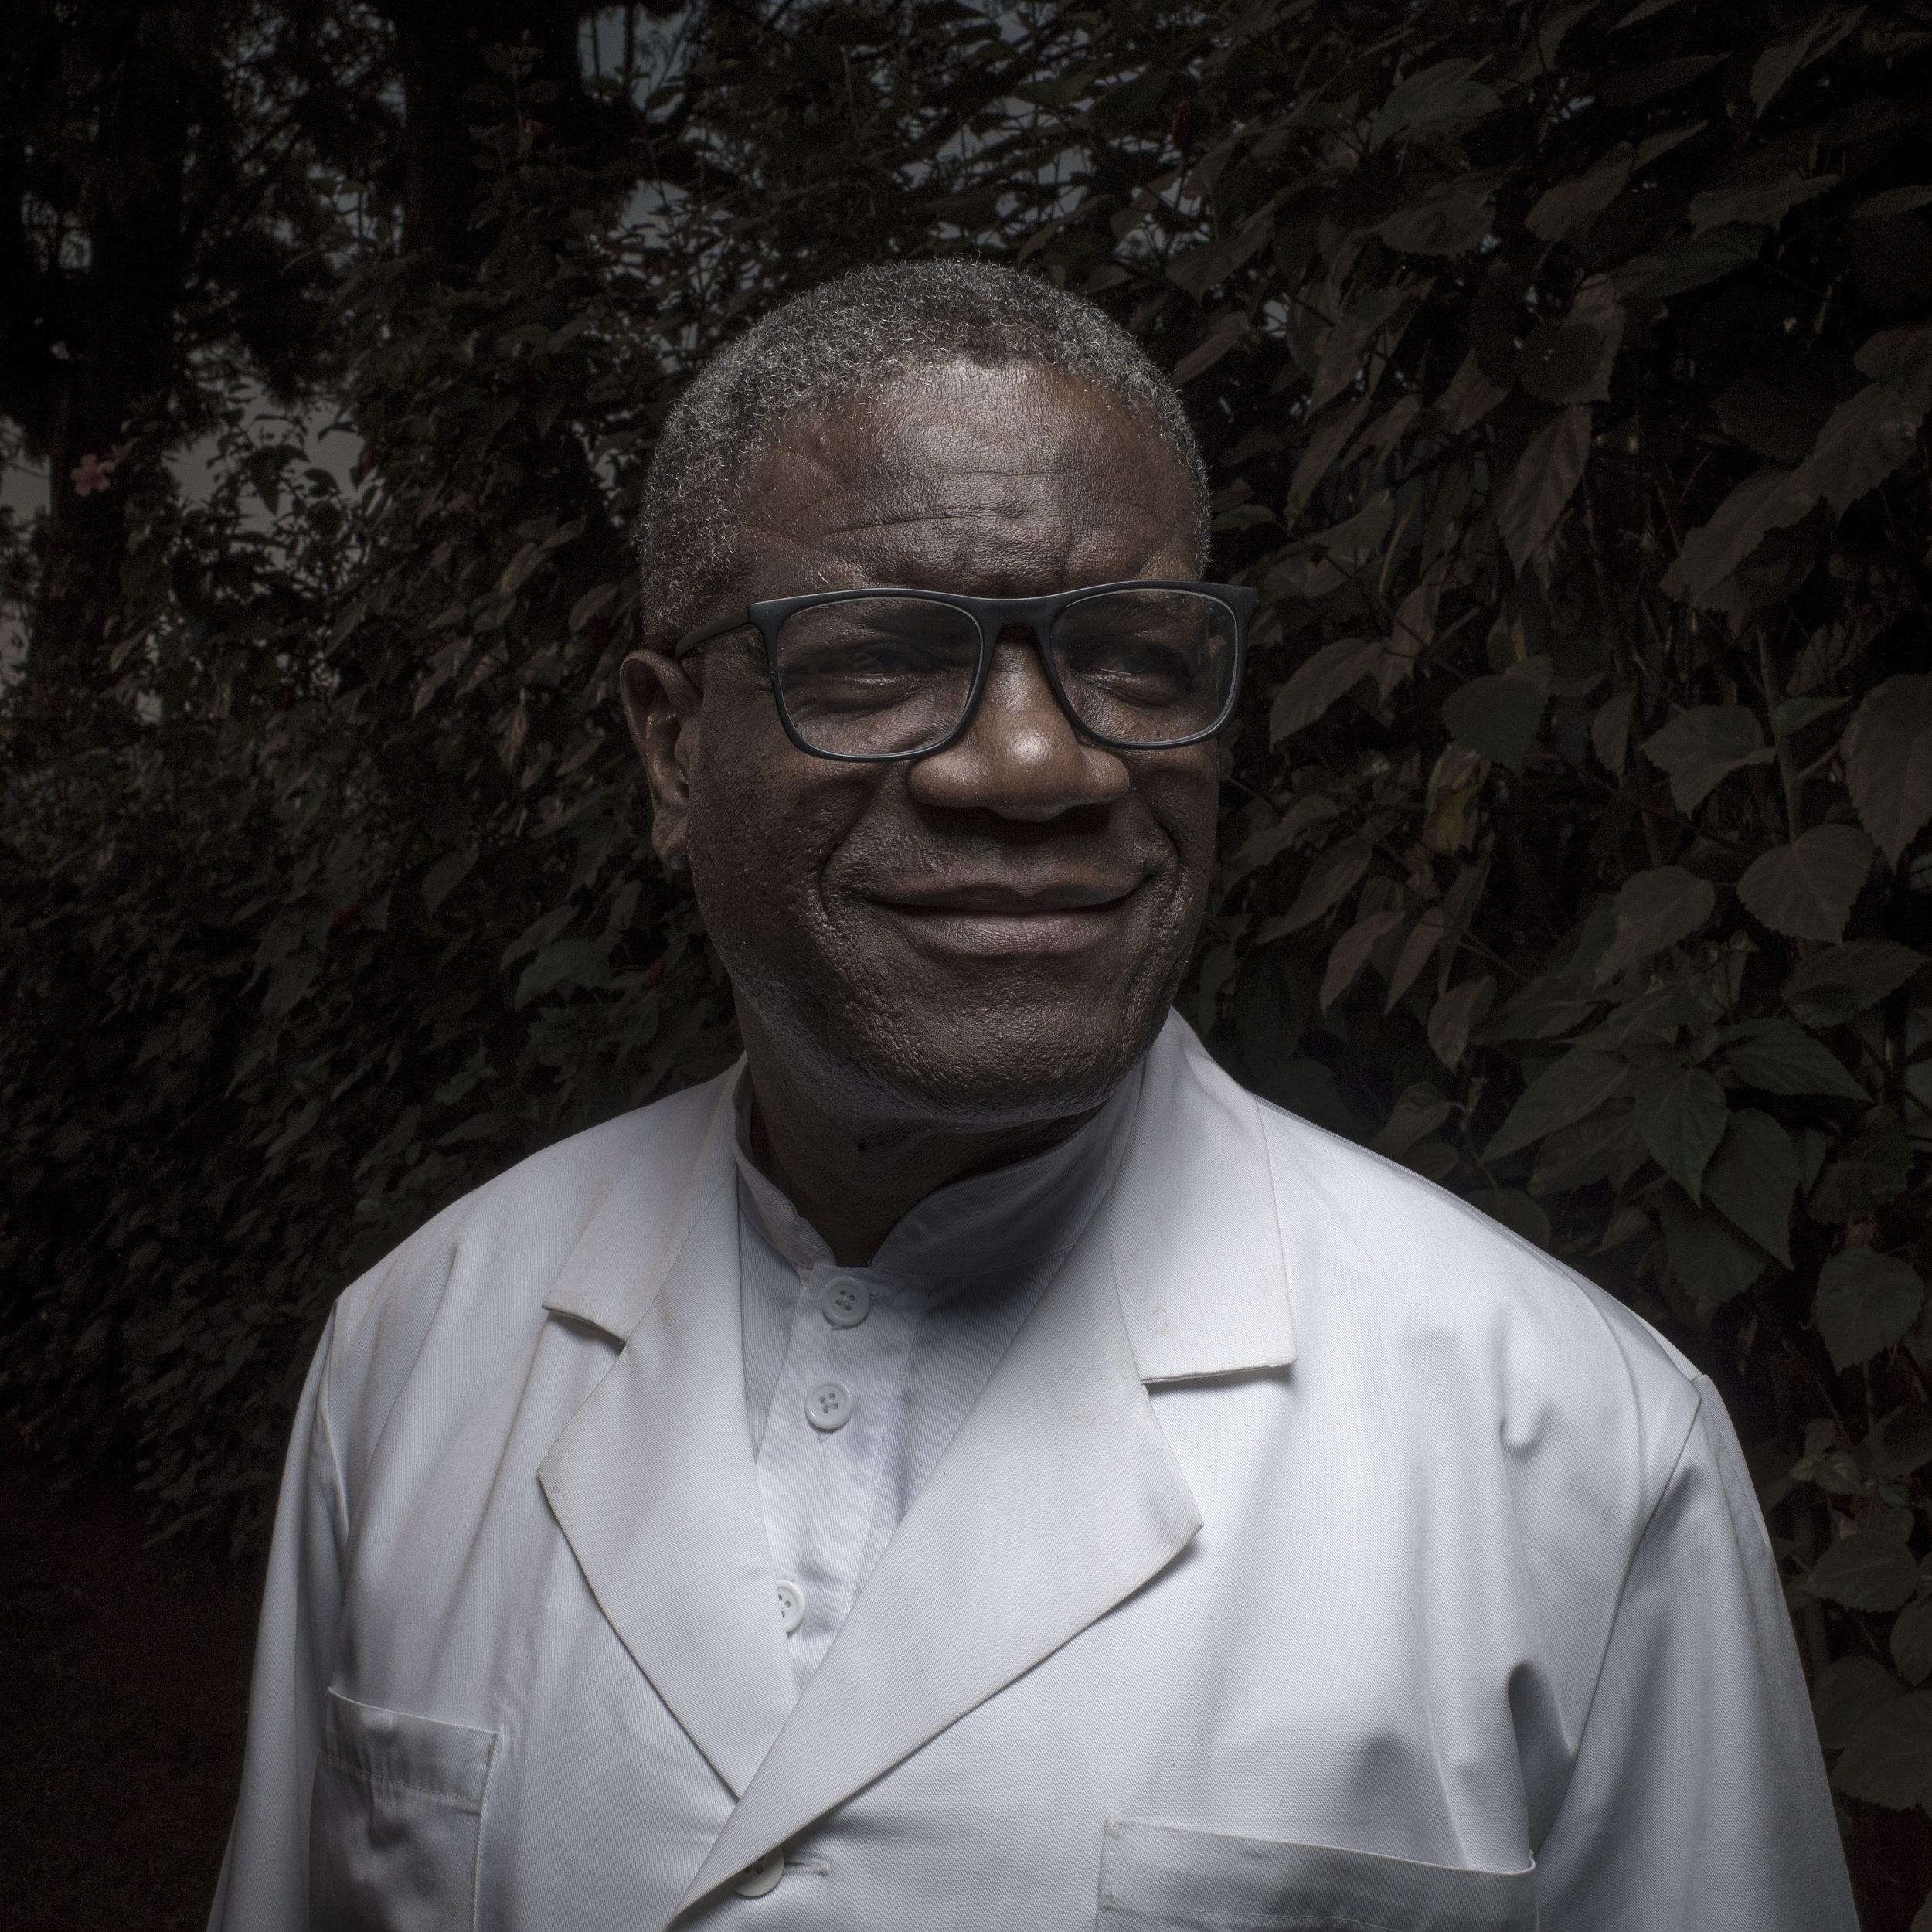 Portrait of Dr. Mukwege by Josh Estey